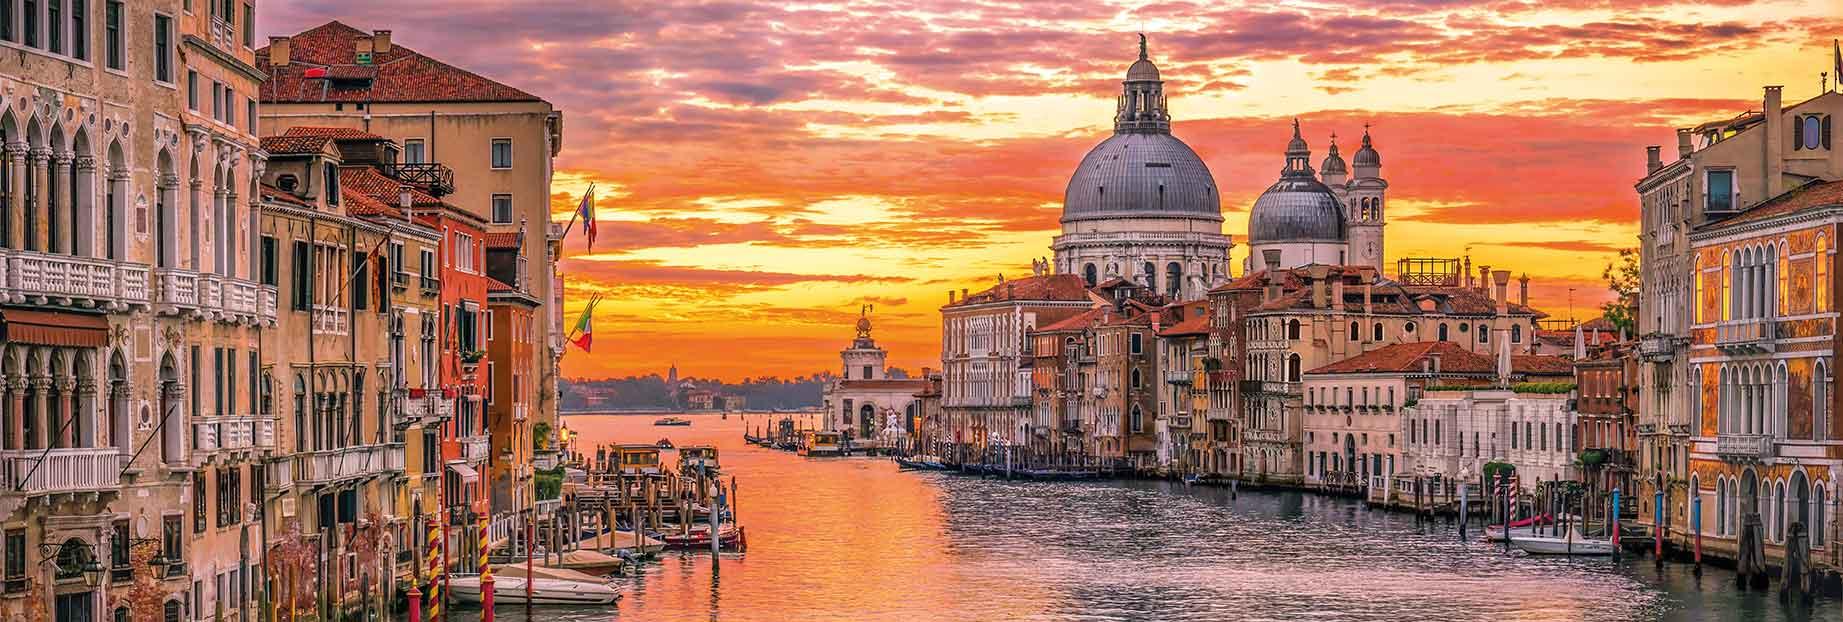 Puzzle Clementoni Panorámica Gran Canal de Venecia 1000 Piezas